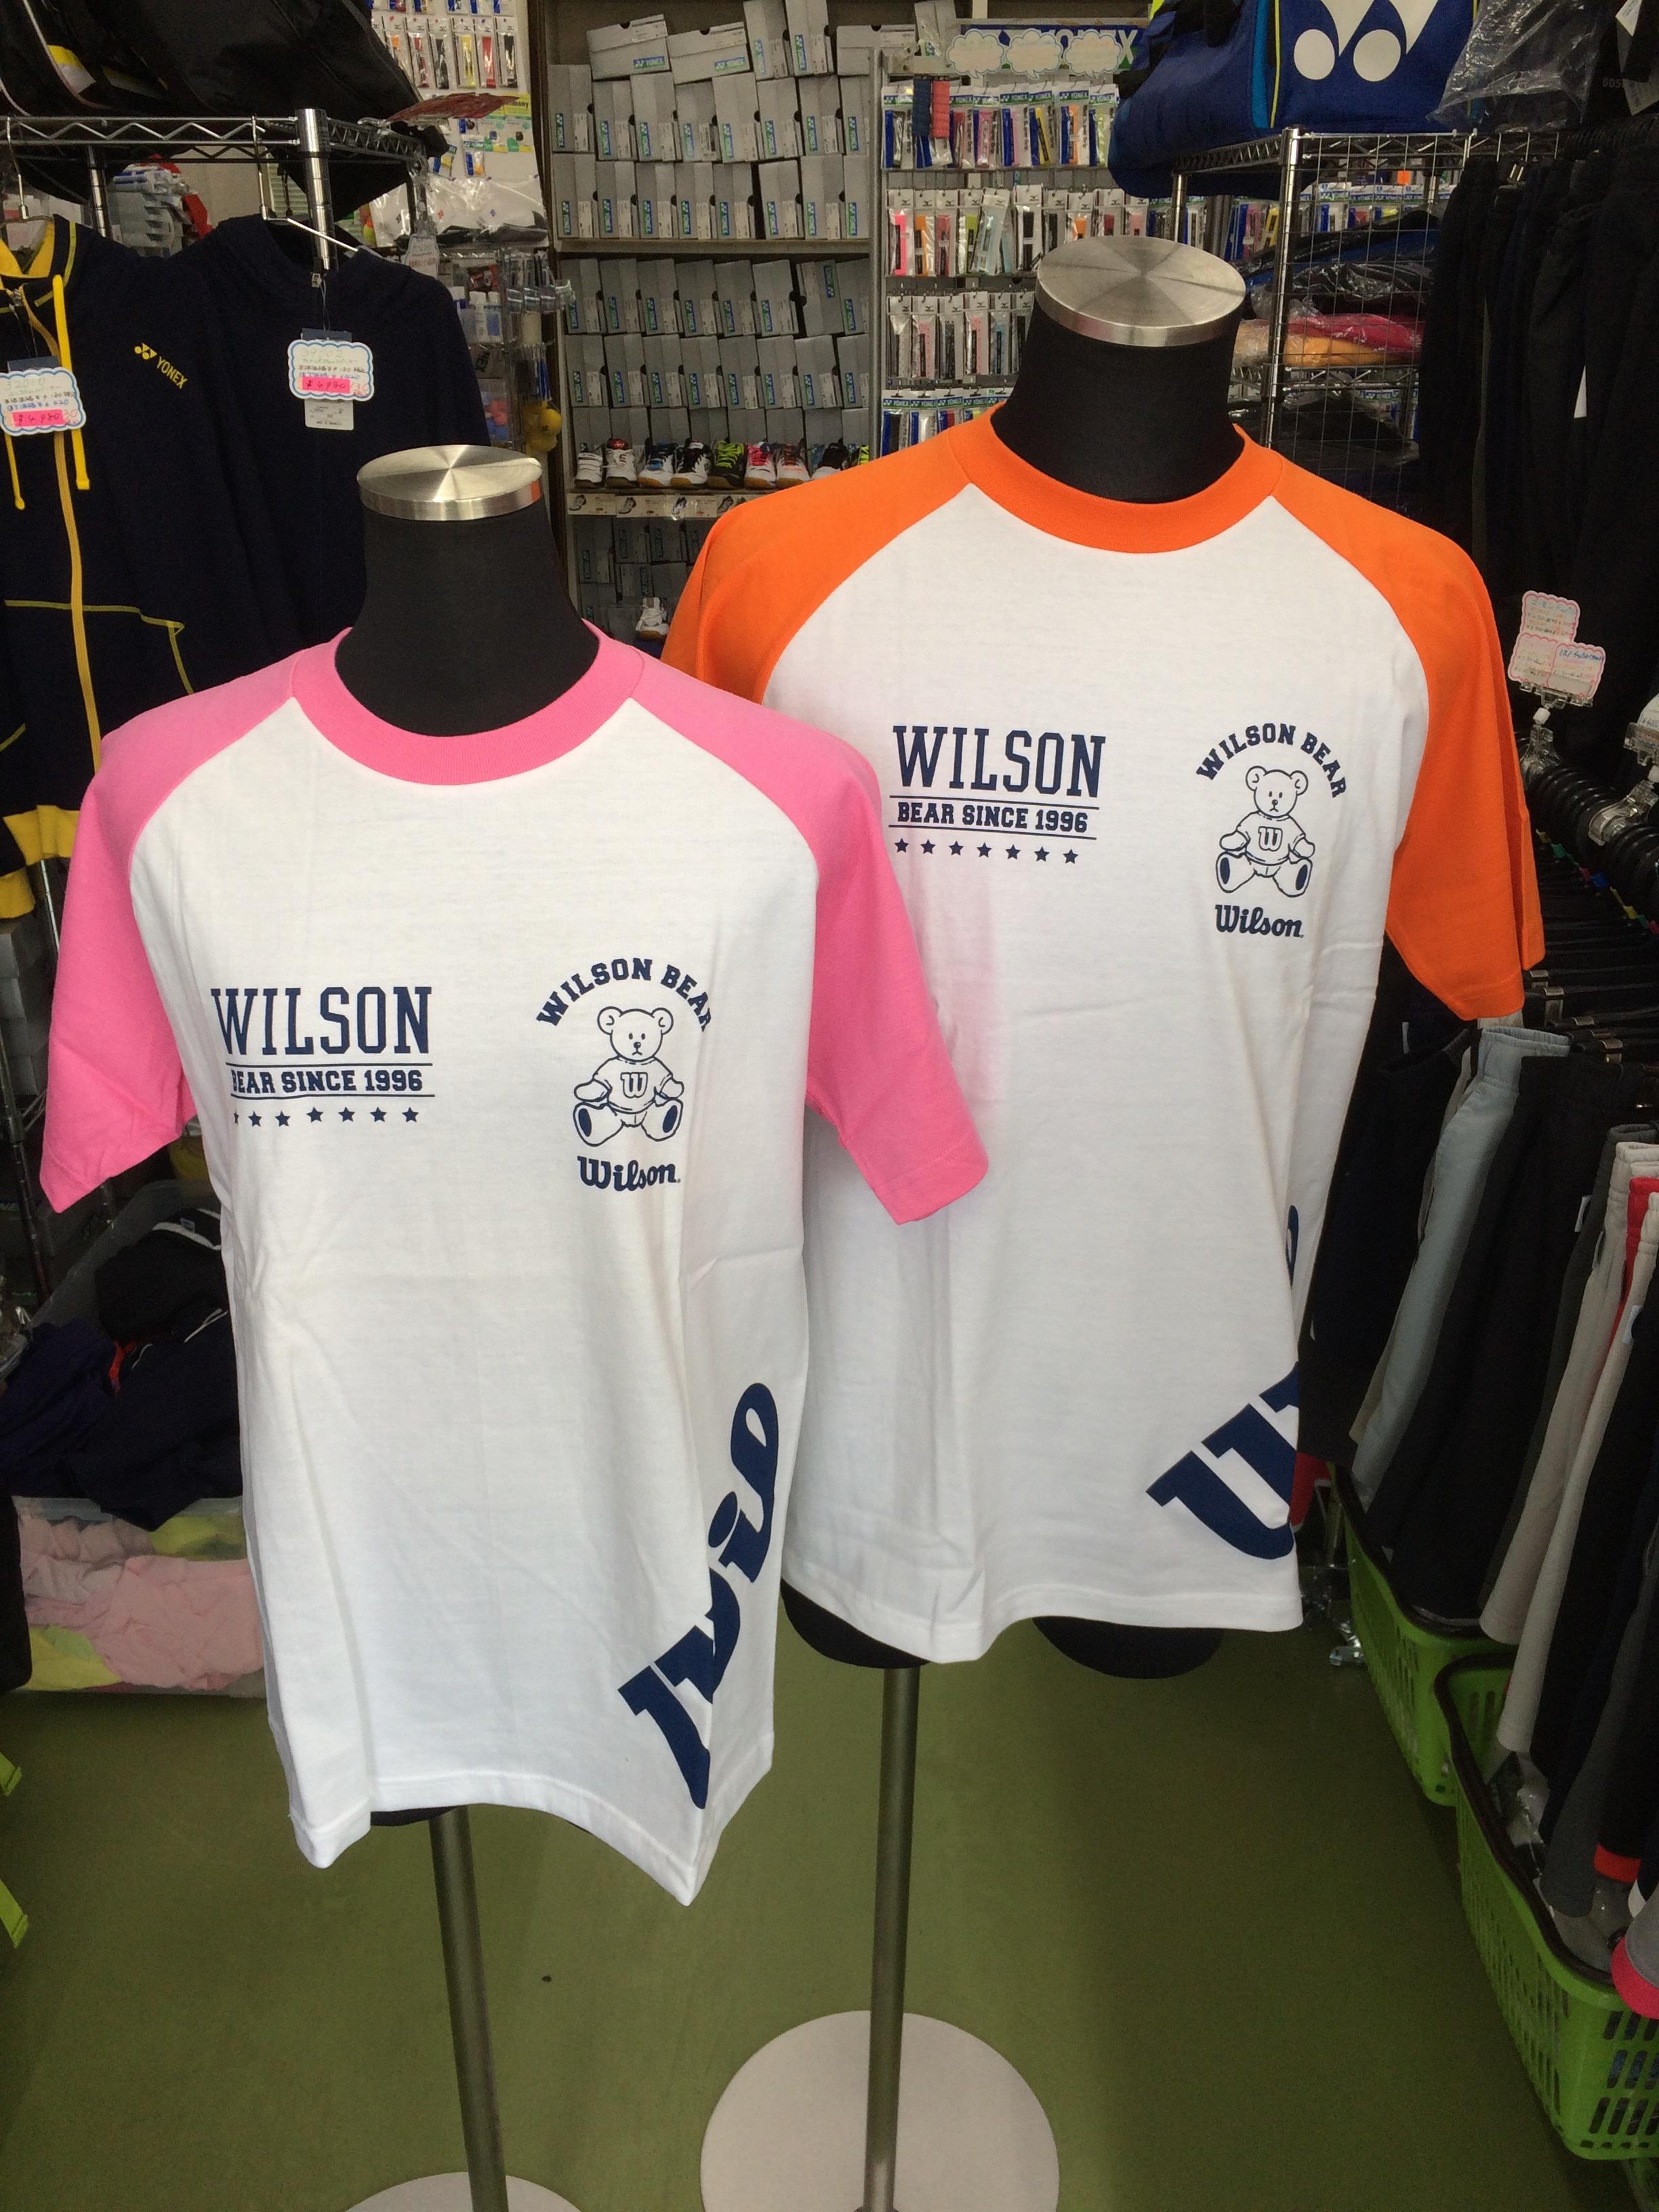 ウィルソン Tシャツ - 画像1